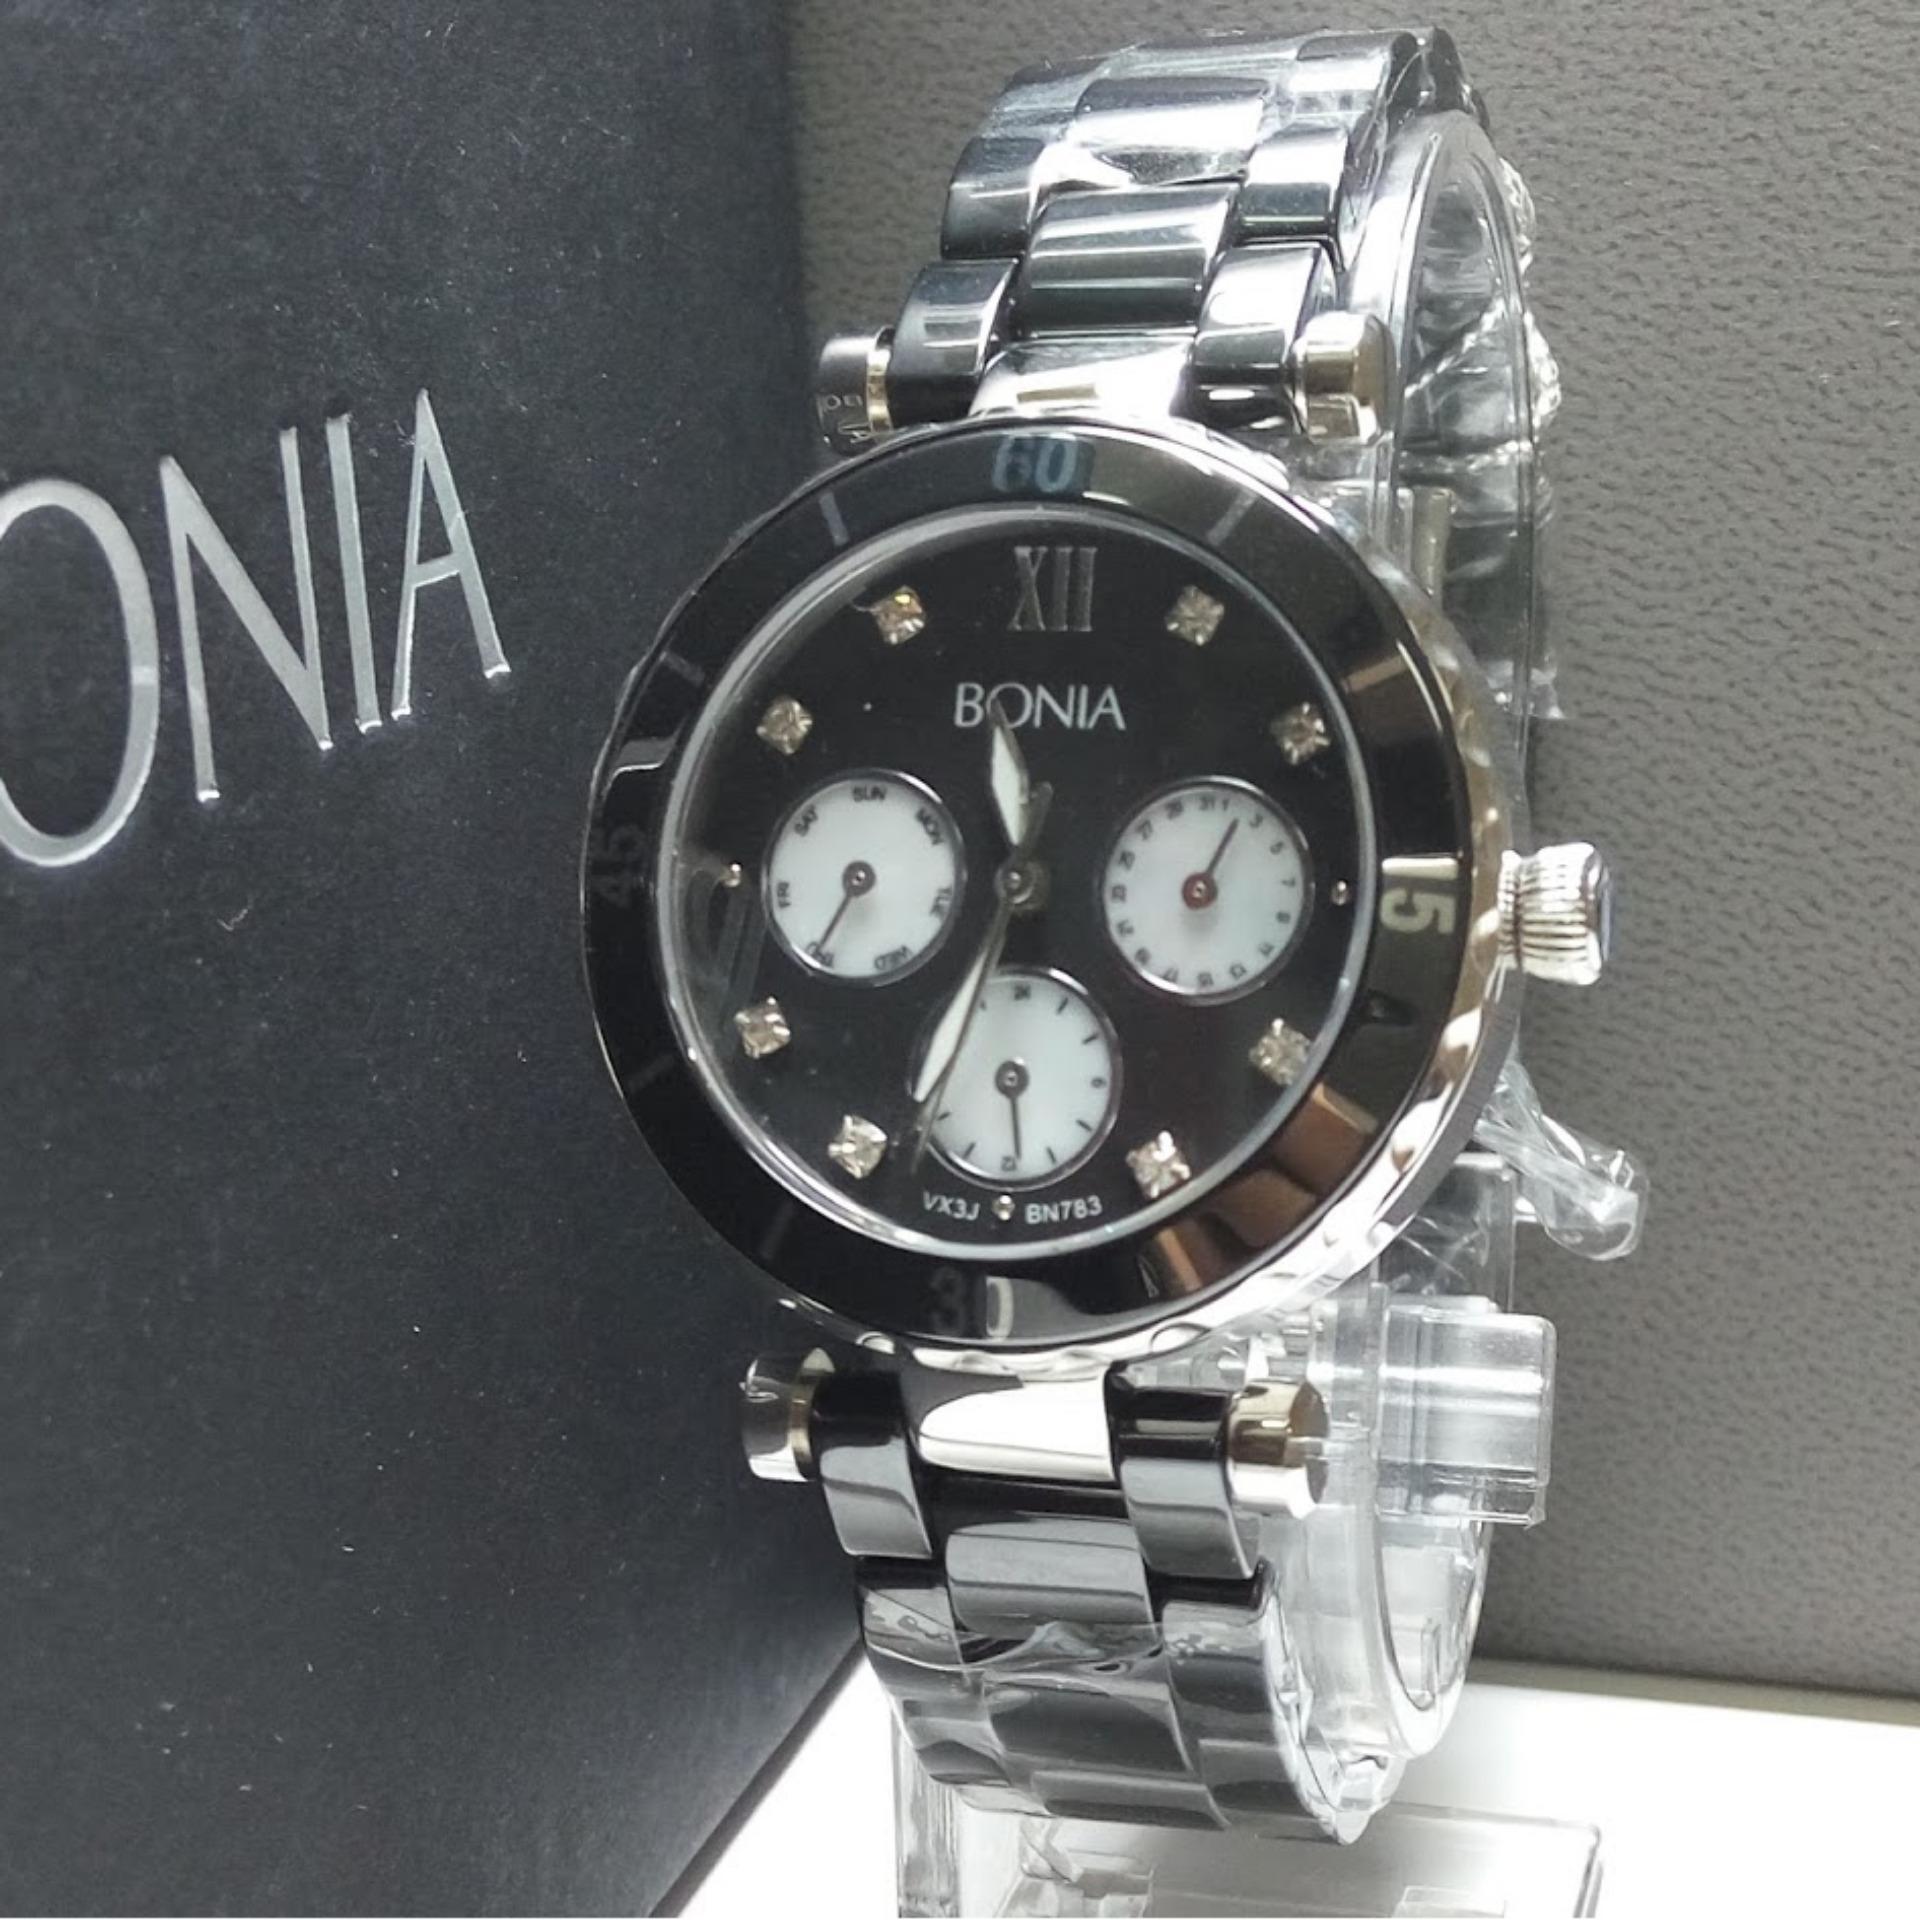 Bonia Bn2117 Er Jam Tangan Wanita Silver Rose Gold Stainless Steel B10099 2157 B783 2333 Black Ceramic